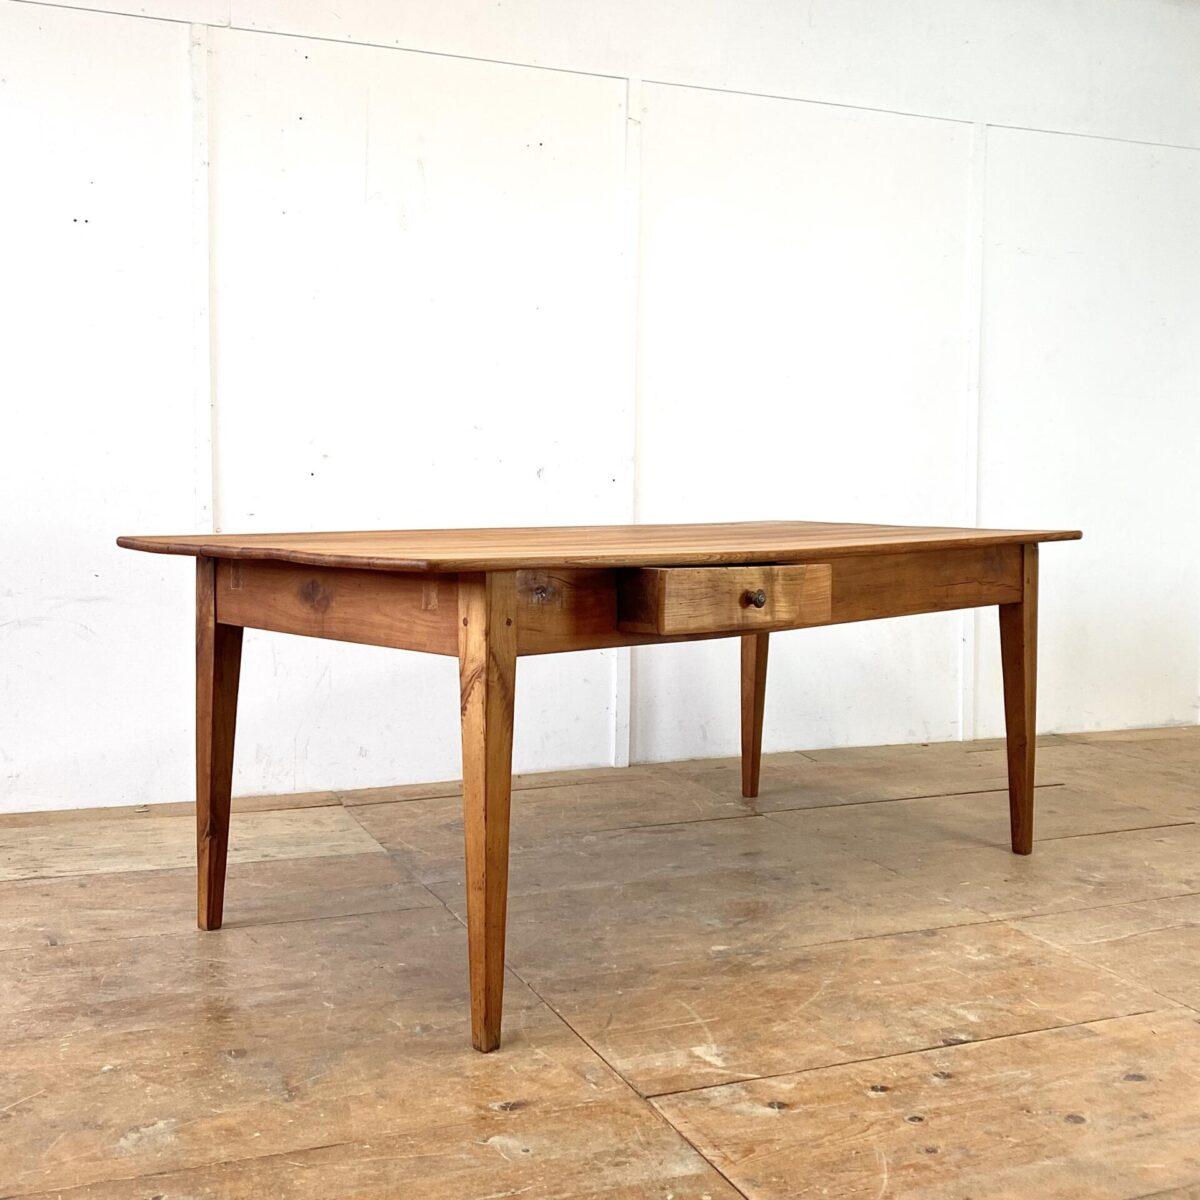 Deuxieme.shop antiker Kirschbaum Tisch. Alter Kirschbaum Biedermeier Tisch mit Schublade. 201x93cm Höhe 76cm. Der Tisch hat ein paar Flicke im Unterbau, und auf einer Stirnseite einen Riss, Tischblatt und Beine leicht verzogen. Aber alles in stabilem funktionalen Zustand. Das rötliche Kirschbaum Holz, mit Alterspatina, ist geschliffen und mit Naturöl behandelt. An diesem Holztisch finden angenehm 8 Personen Platz. Die grosszügige Tiefe von 93cm ist eher selten bei solchen Tischen aus der Zeit.